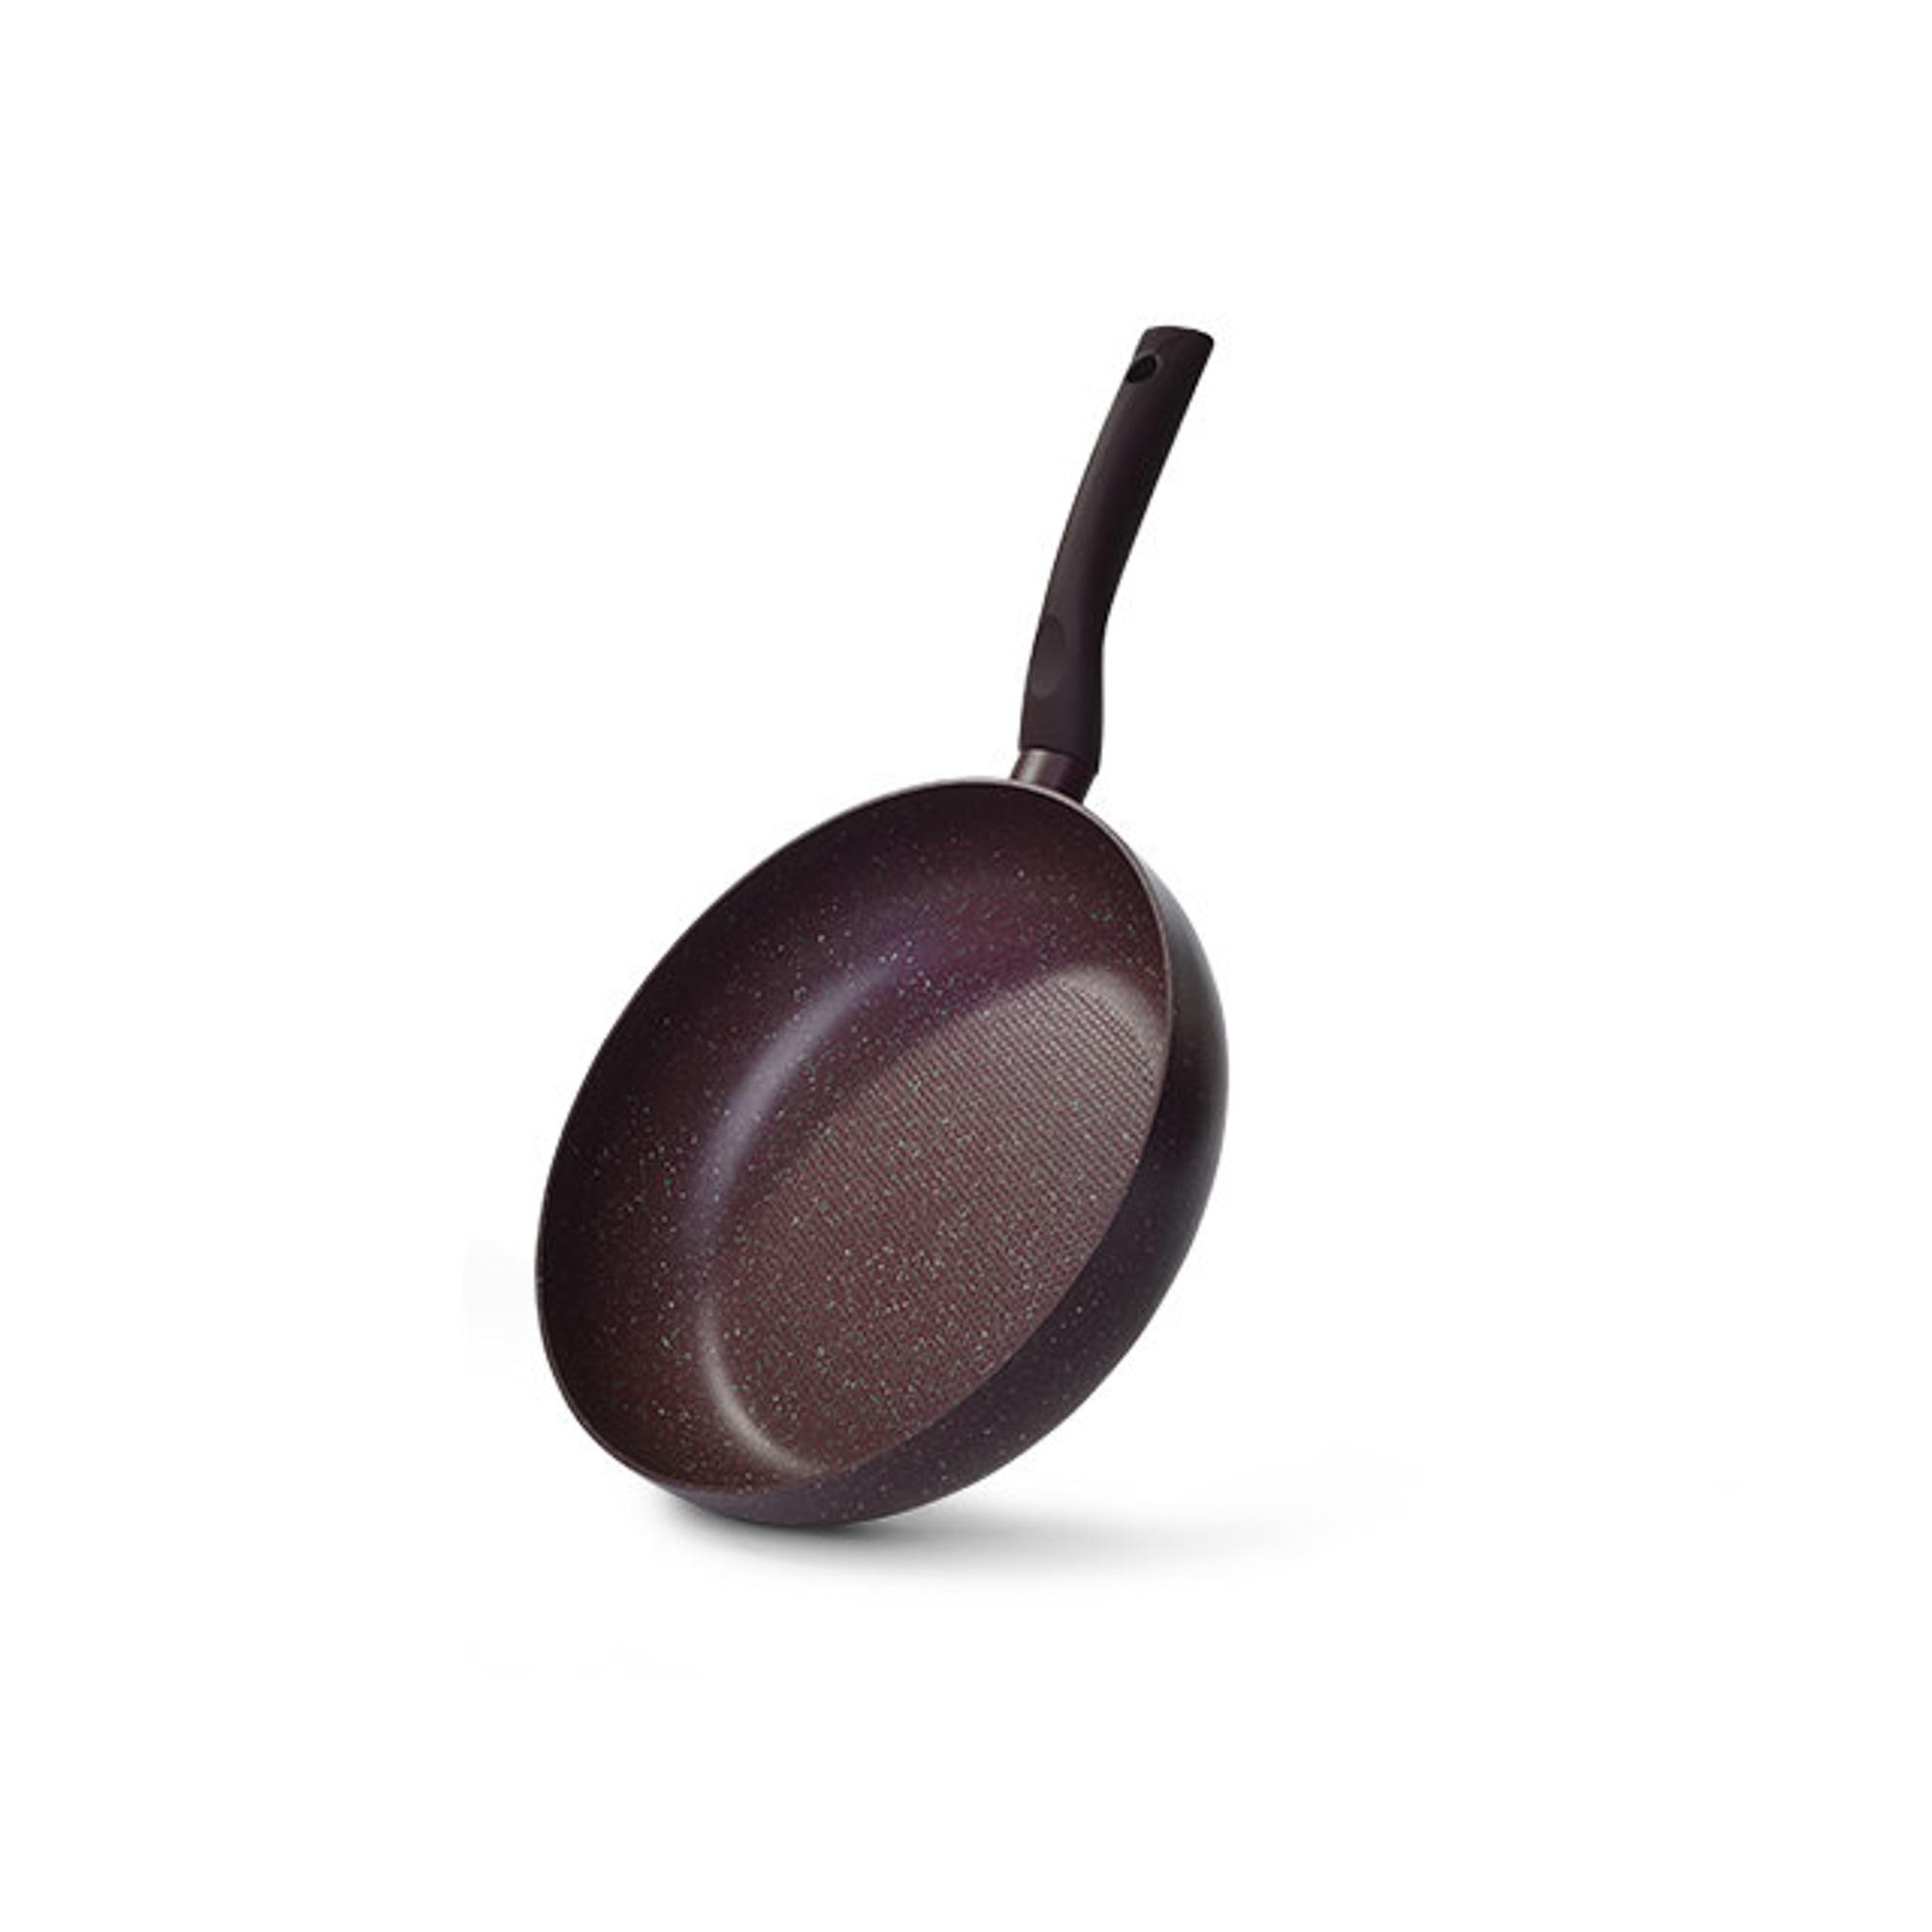 Купить Сковорода глубокая Fissman Mosses Stone 24 см, Дания, коричневый